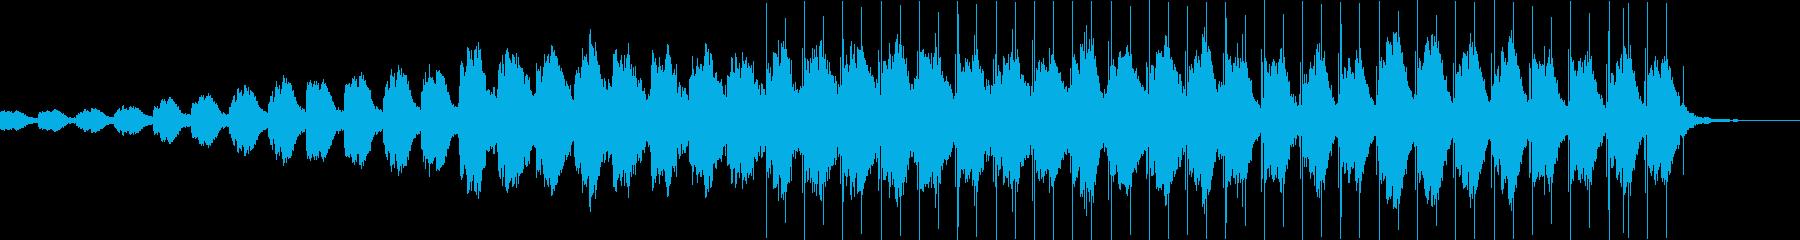 ワクワク期待感のあるエレクトロニカ・テクの再生済みの波形